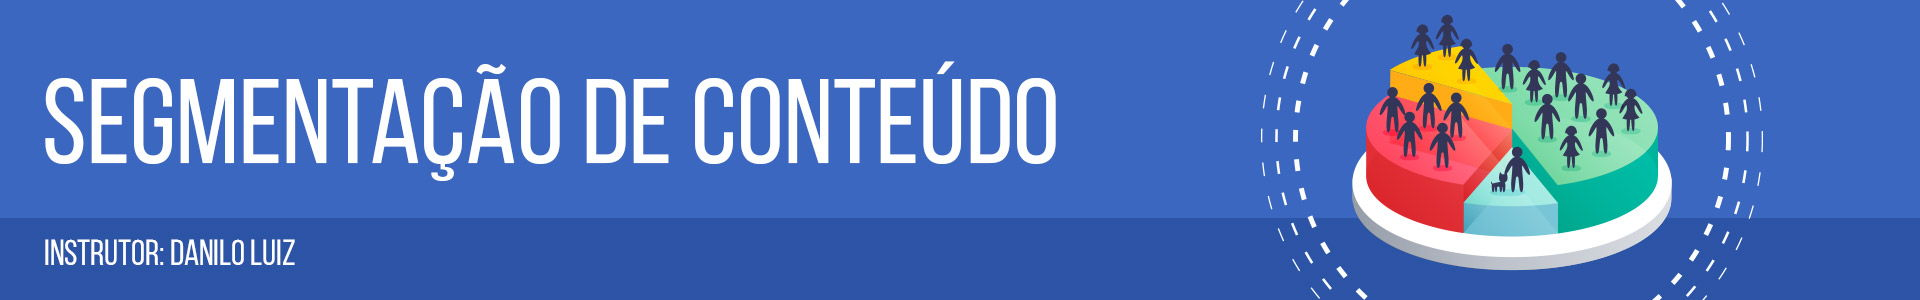 SEGMENTAÇÃO-DE-CONTEUDO.jpg